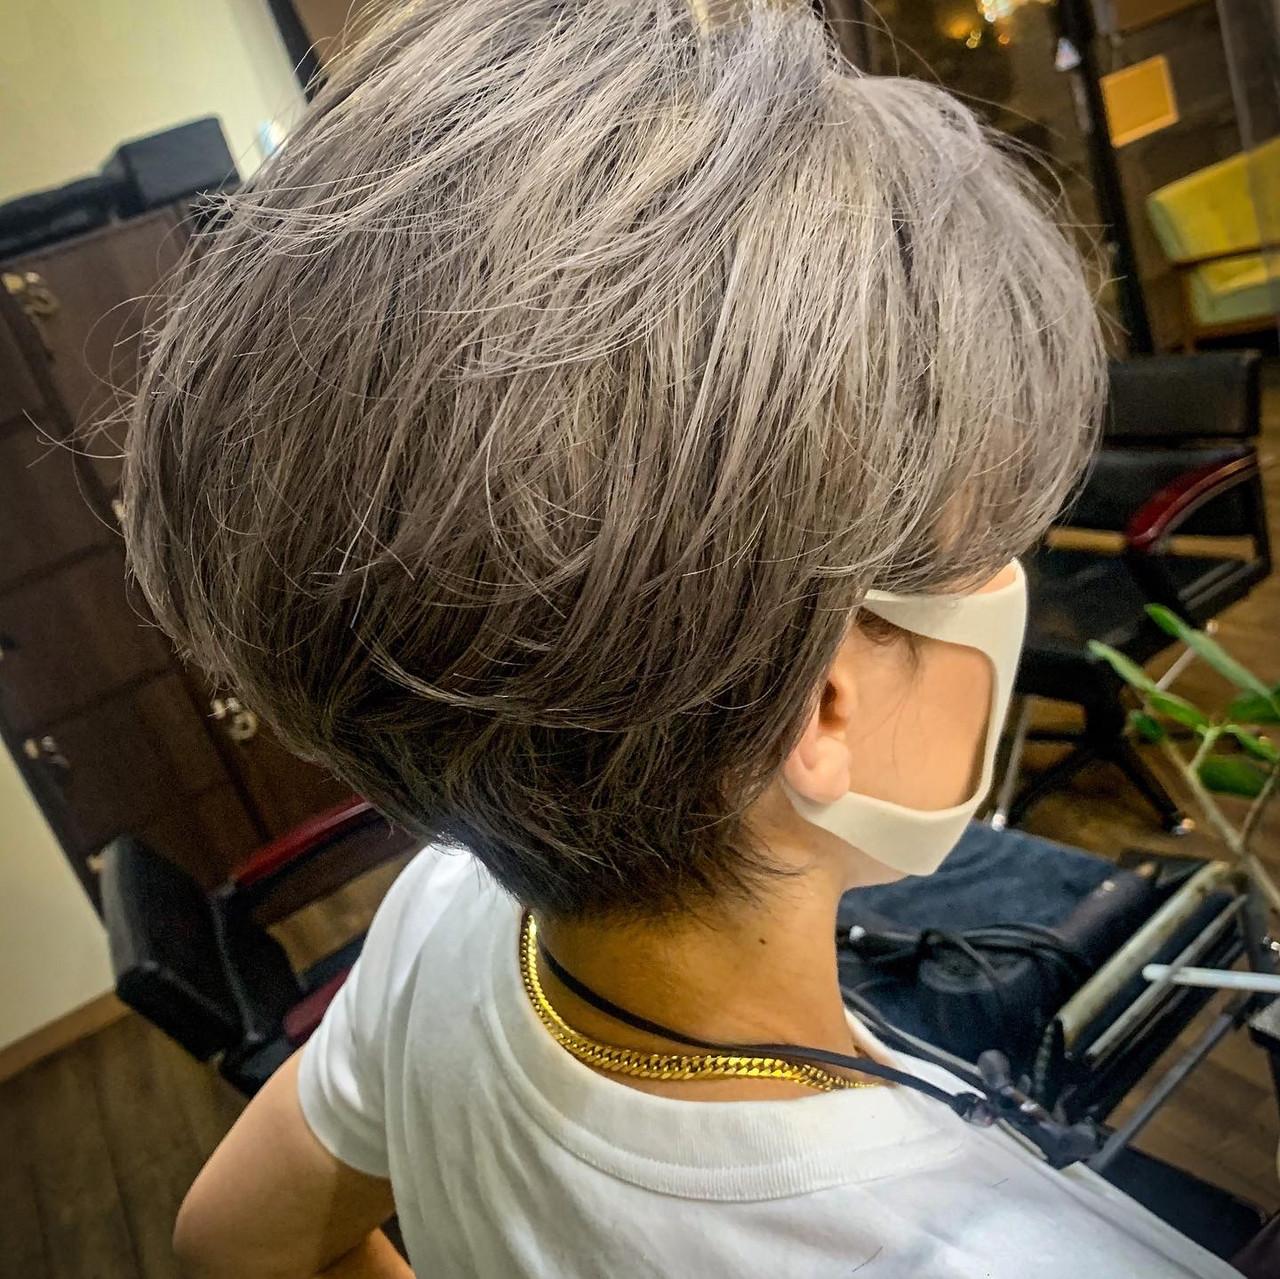 ベリーショート ハンサムショート ショートヘア ショート ヘアスタイルや髪型の写真・画像 | 川崎雄三 / 株式会社 L